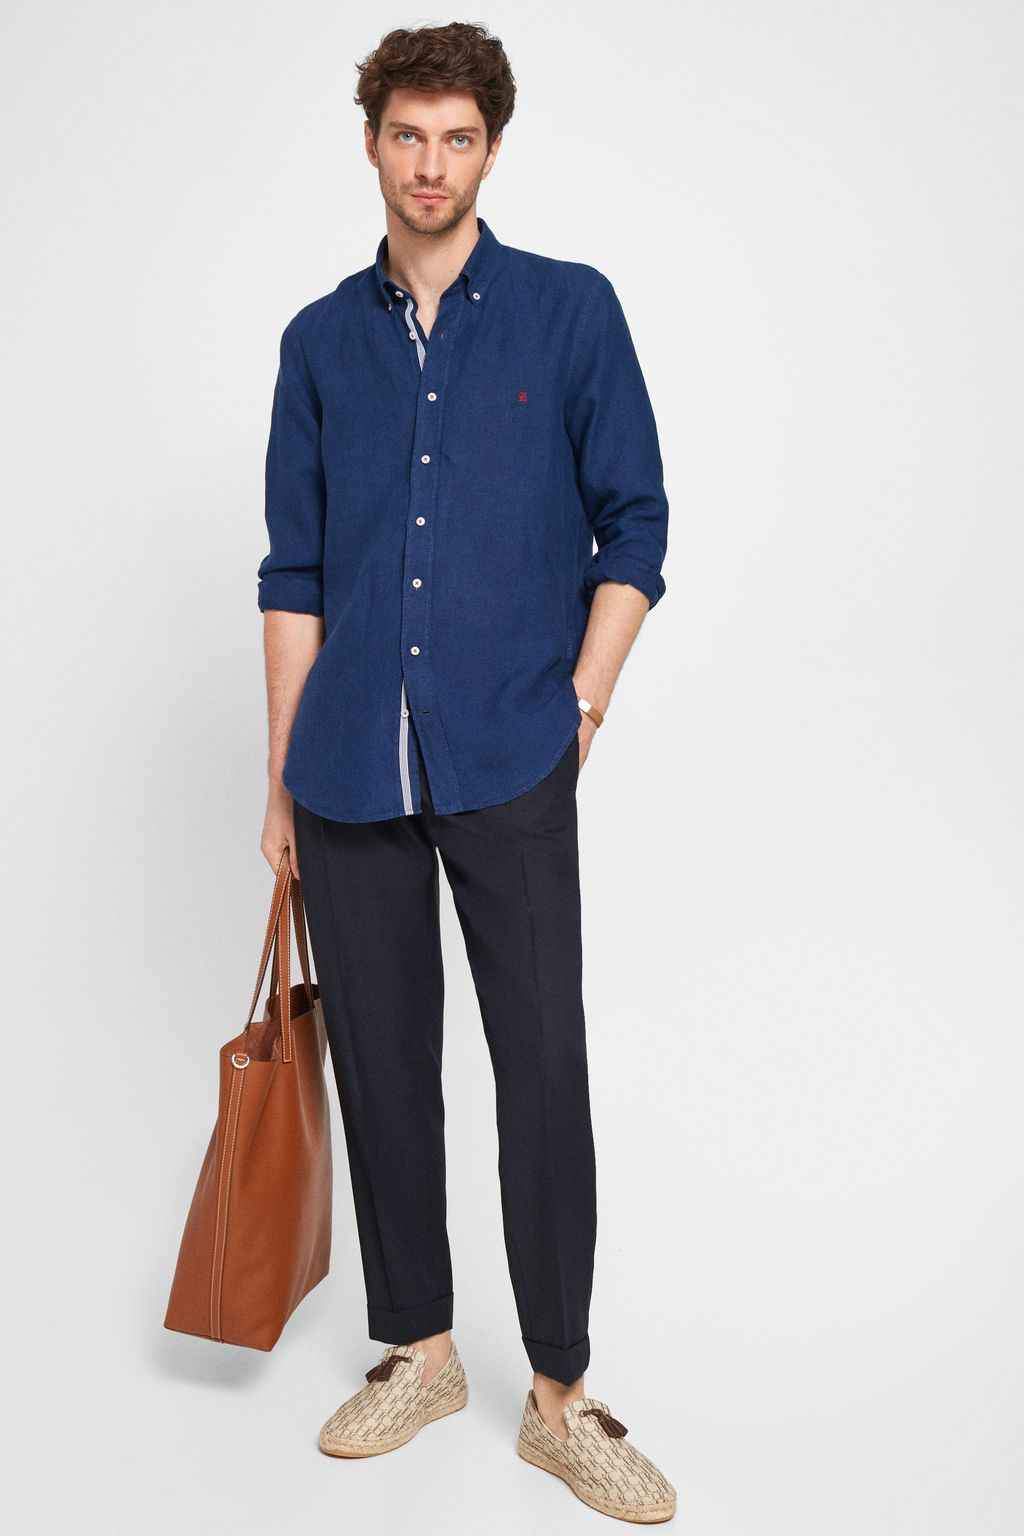 Linen shirt with grosgrain